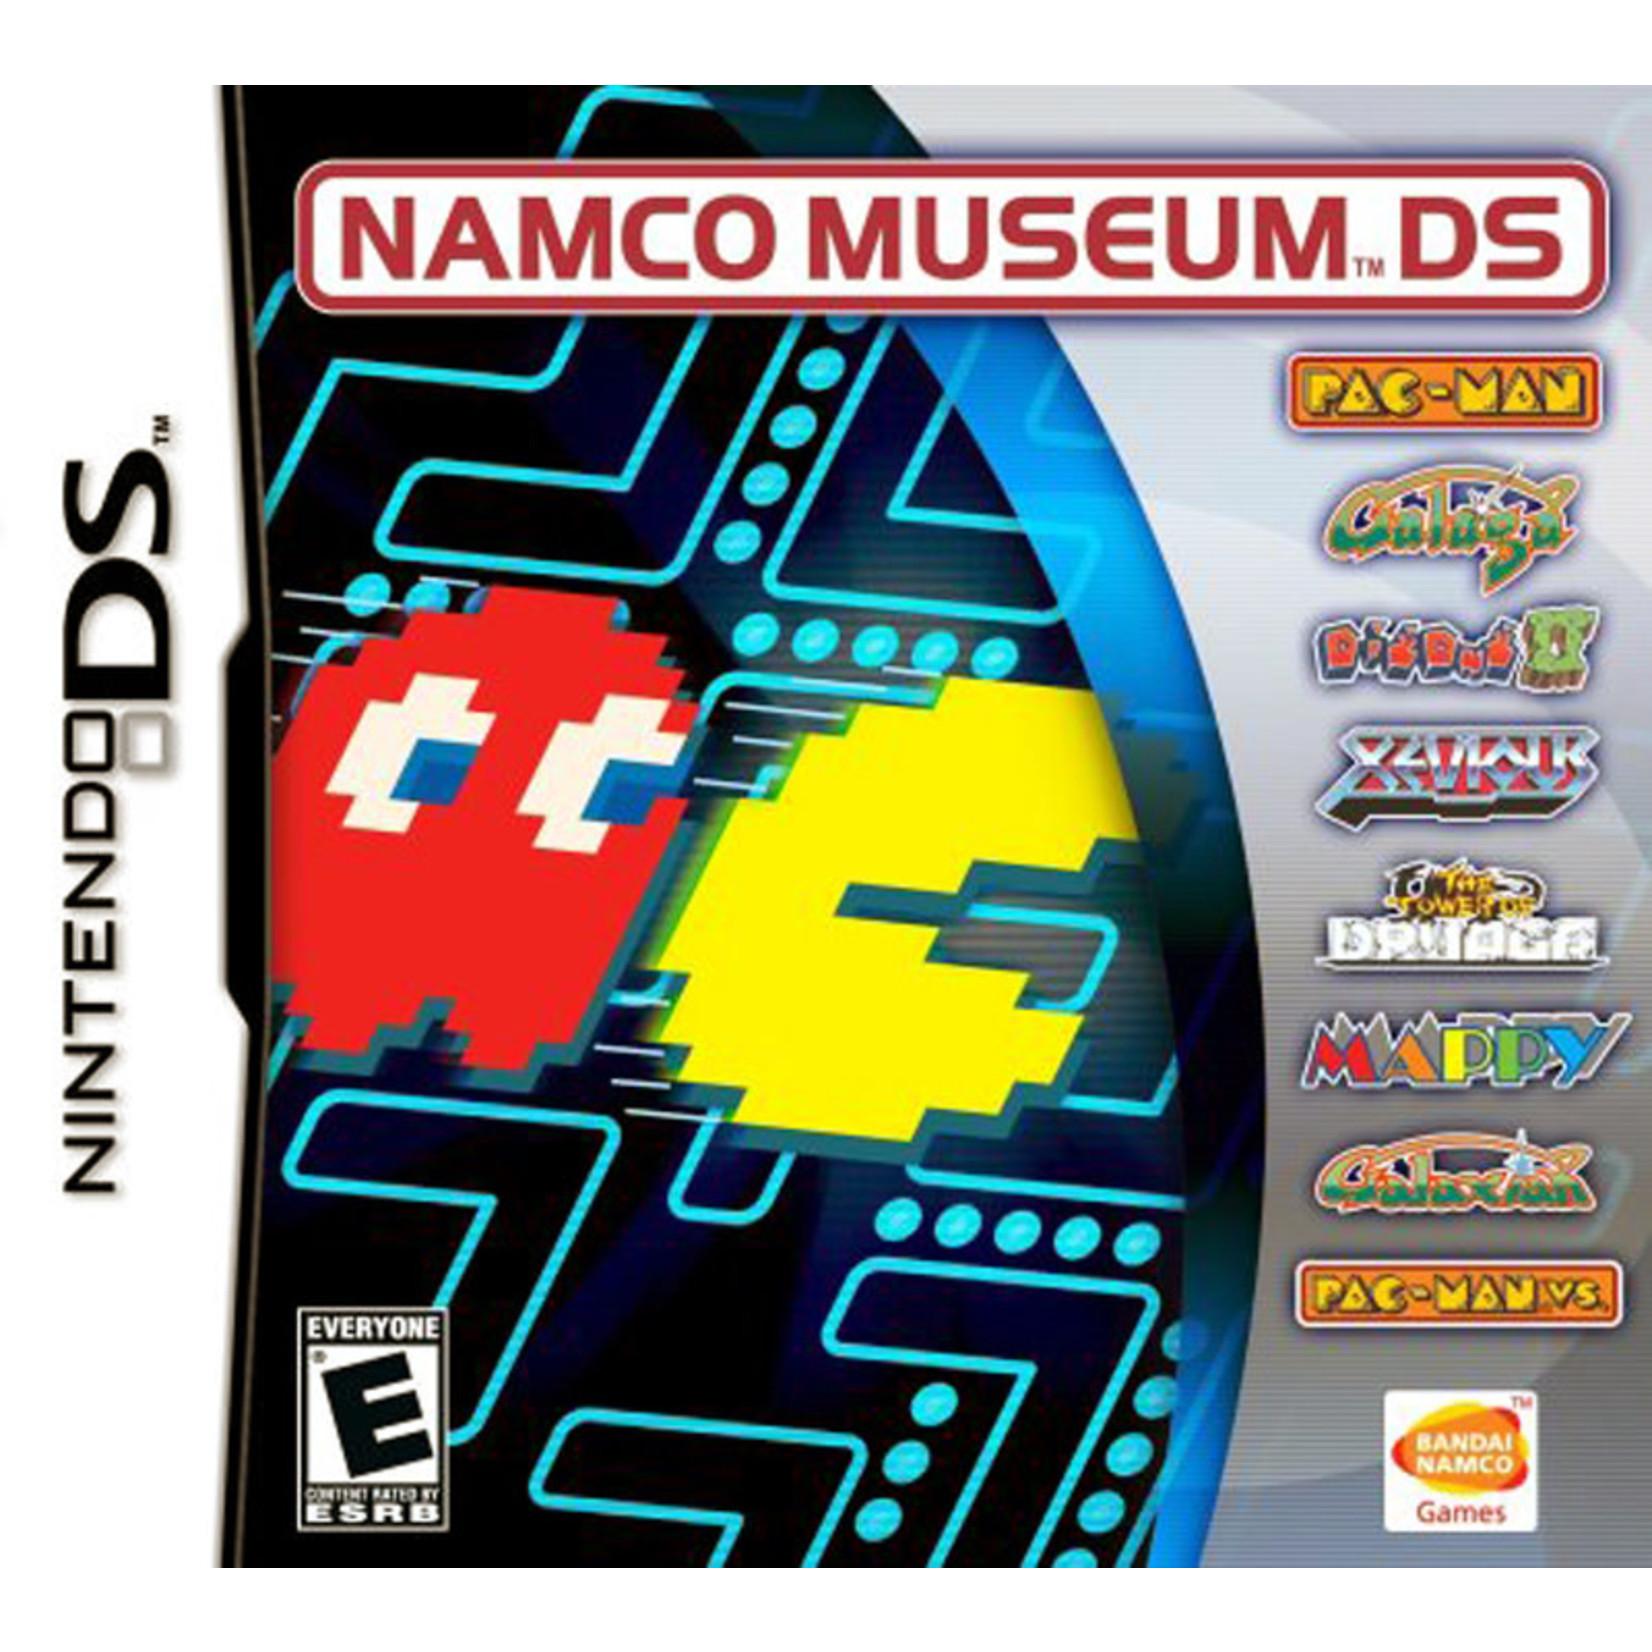 DSU-NAMCO MUSEUM DS